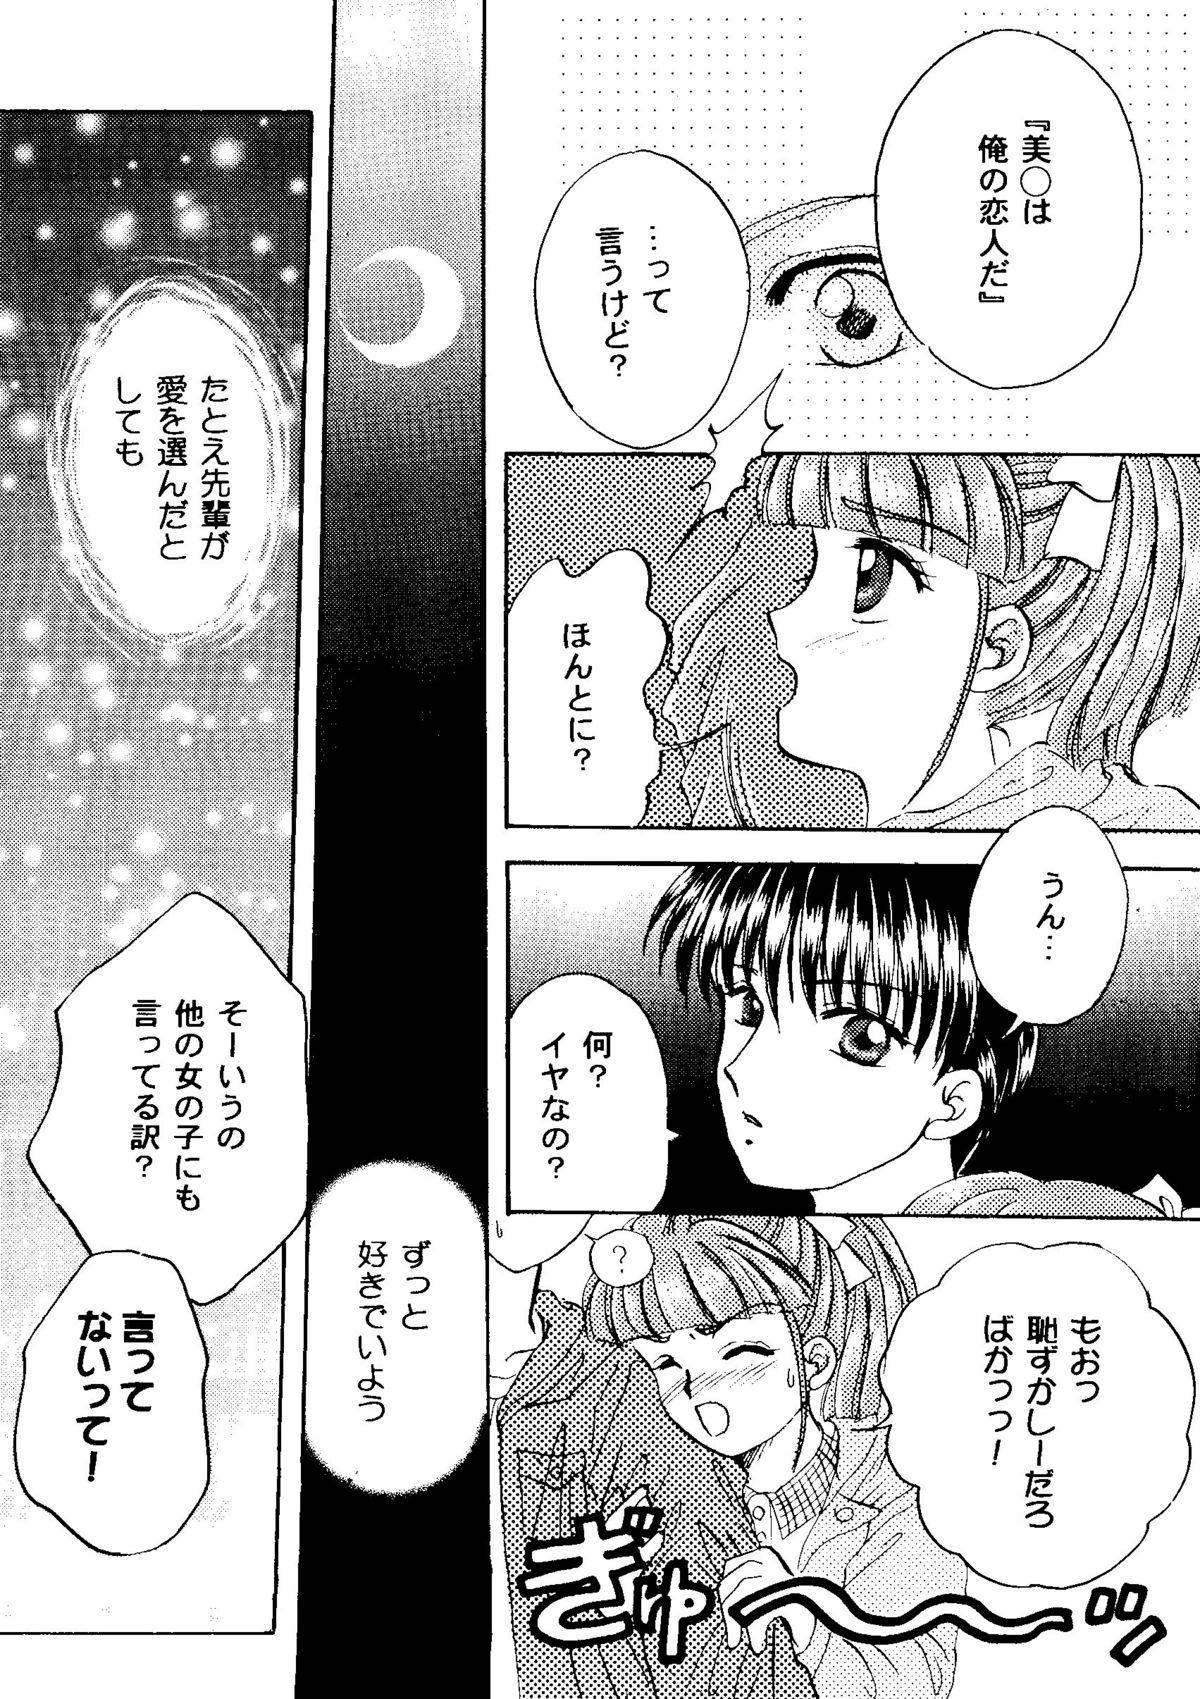 Bishoujo Doujinshi Anthology Cute 2 78